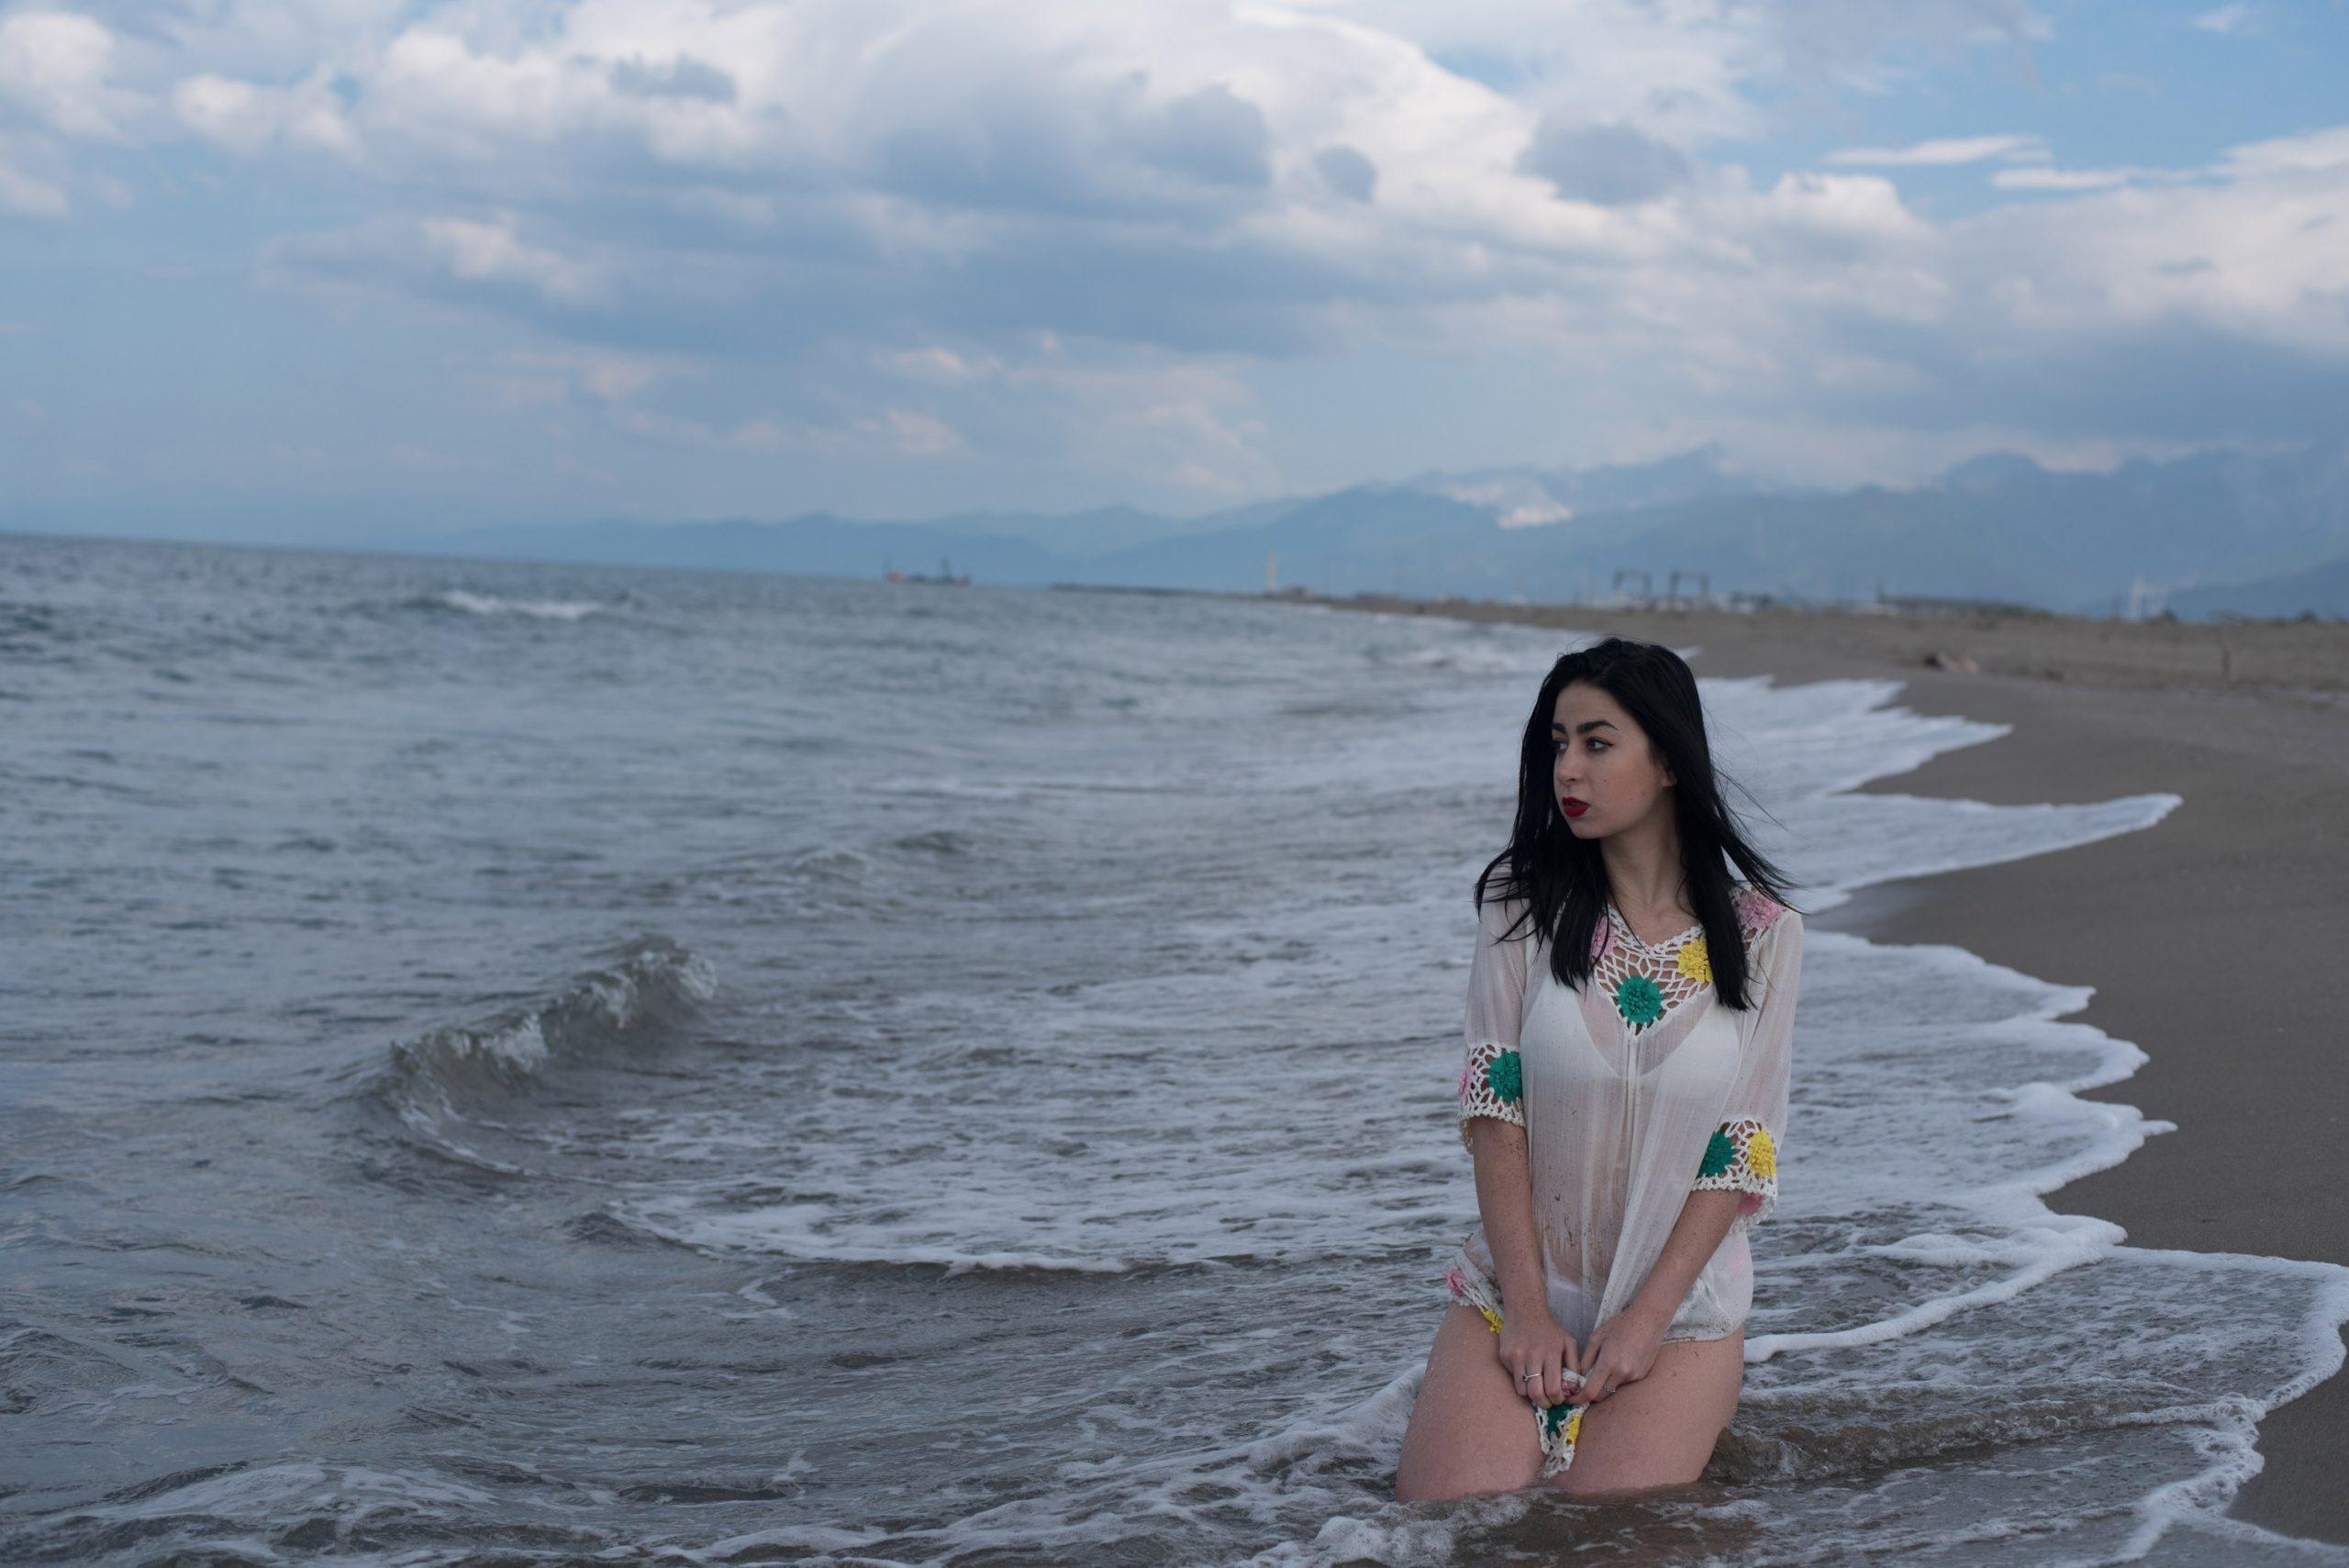 Categorie: Glamour, Fashion, Landscape & Nature, Portrait; Photographer: MASSIMILIANO TOLENTINI (tolemax); Model: DALIA LAZZERINI; Location: Viareggio, LU, Italia